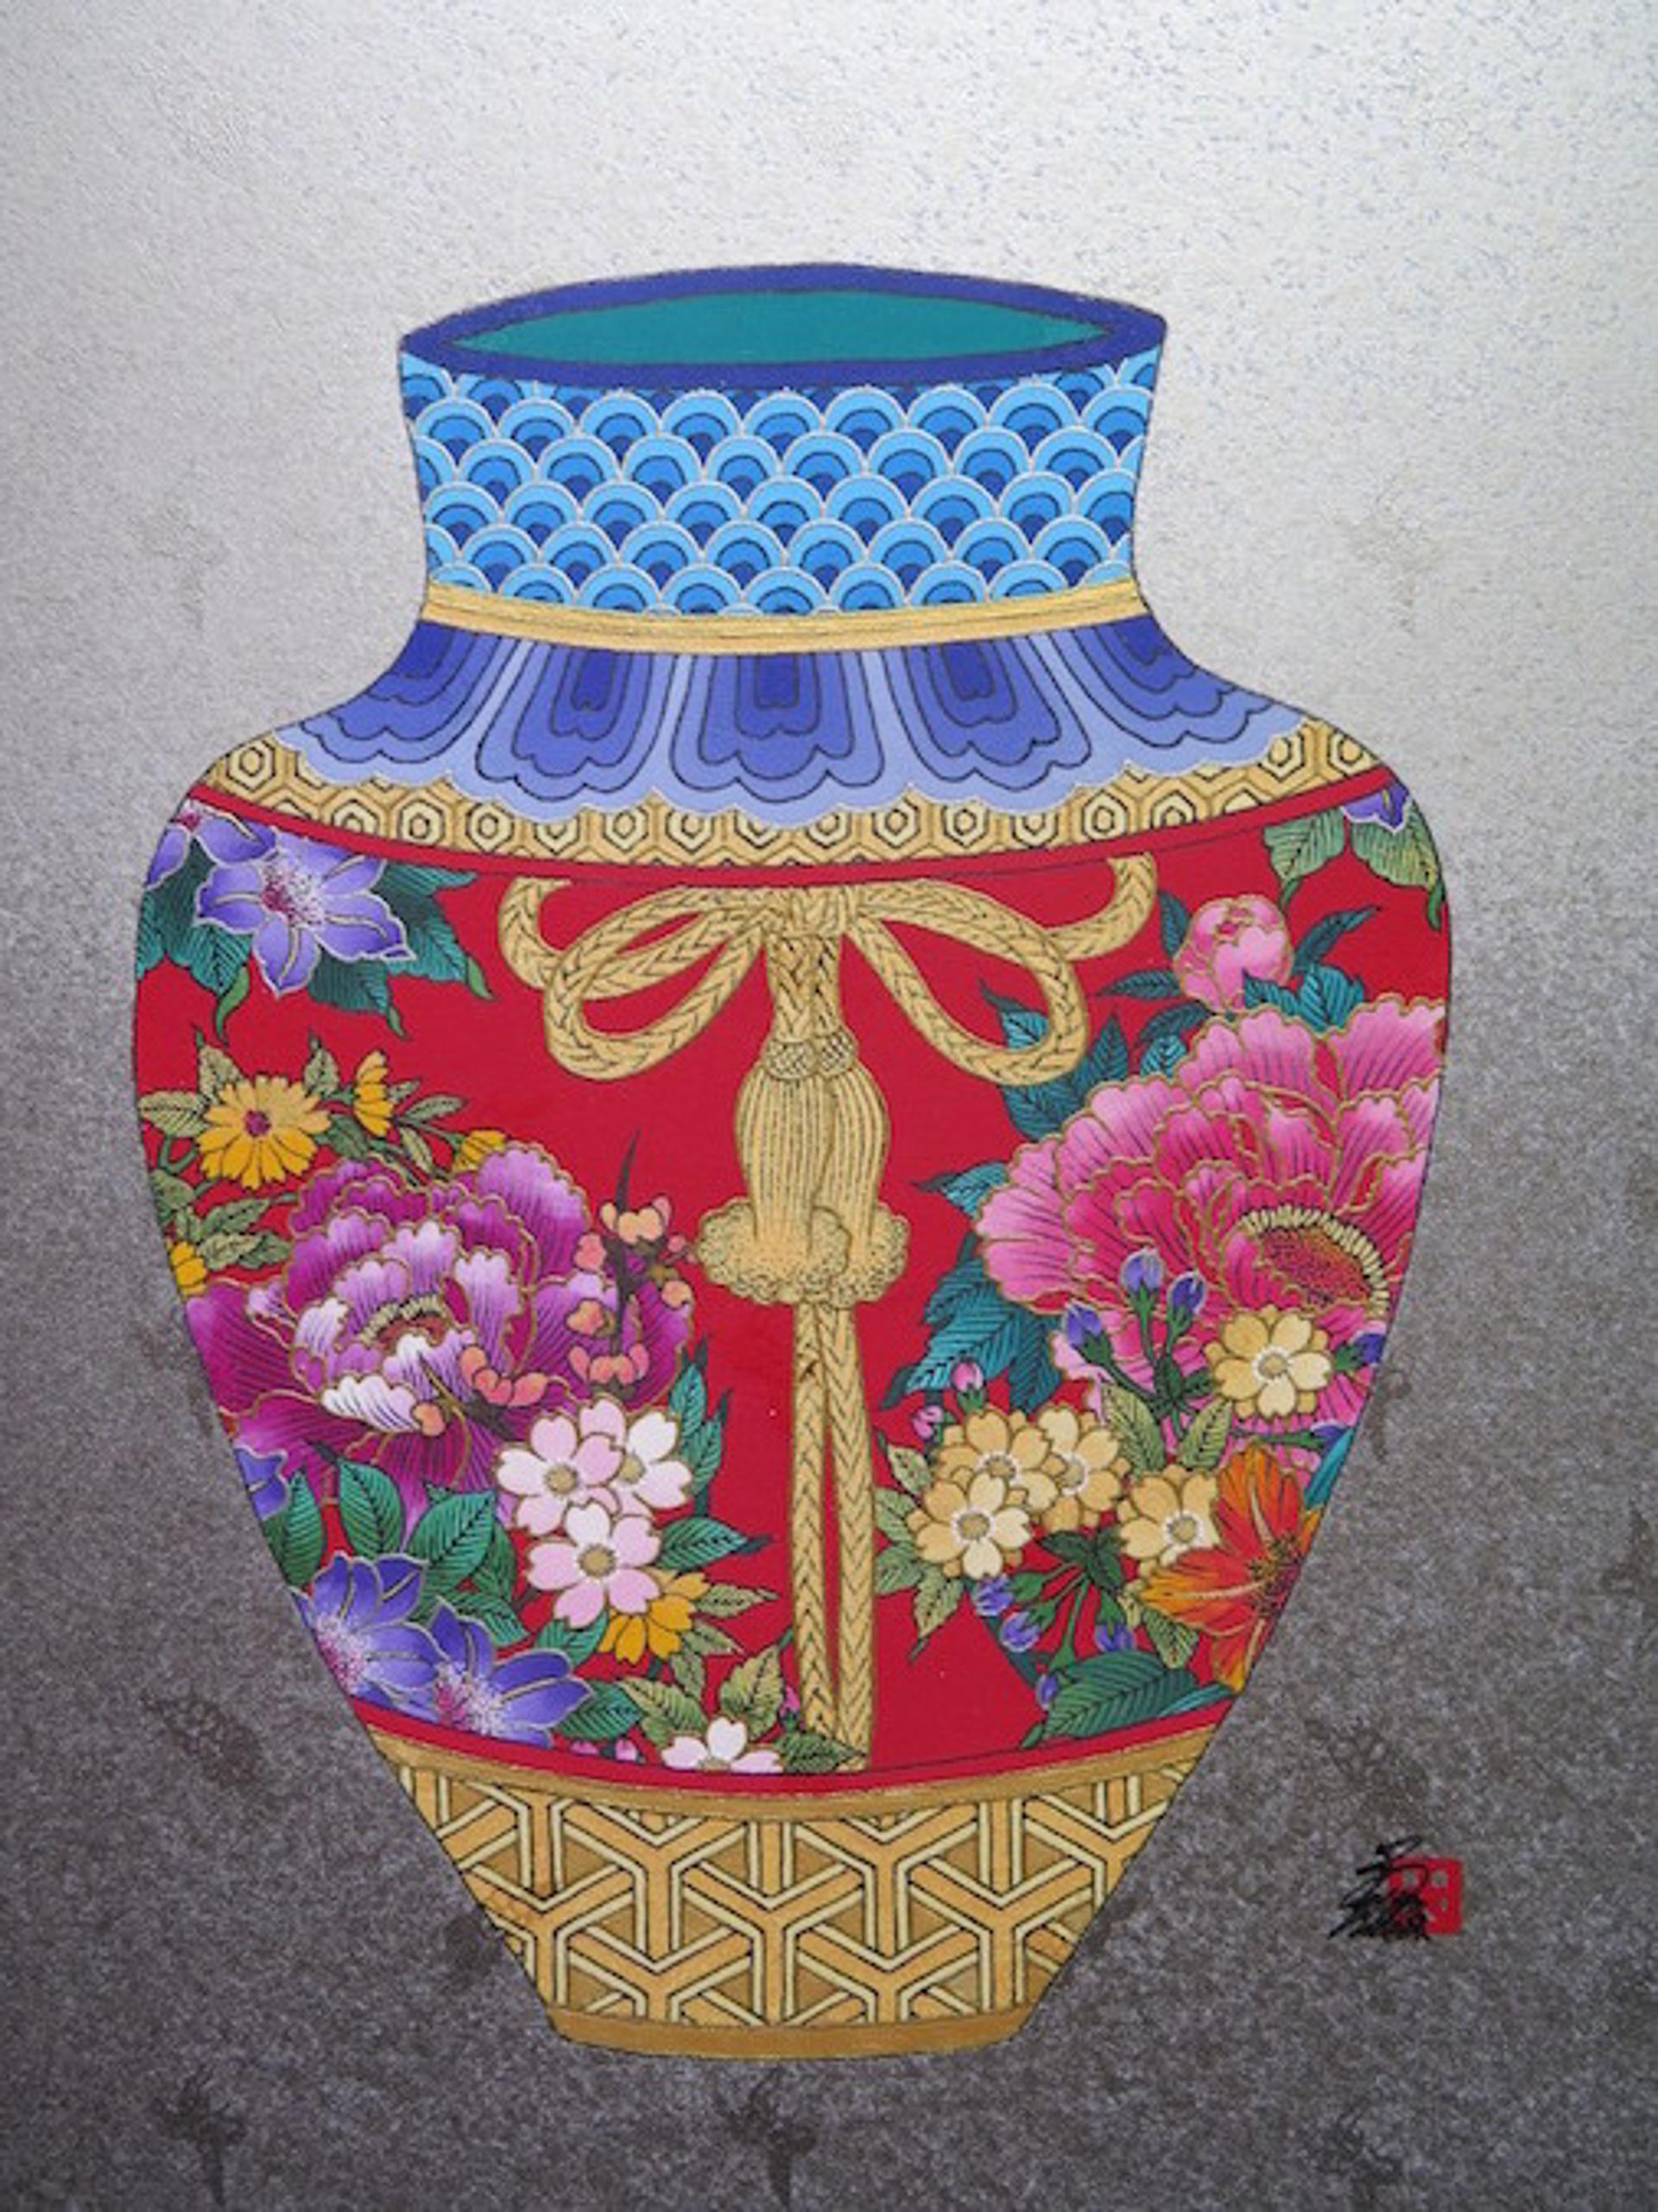 Fantasy Vase #8 (L) by Hisashi Otsuka